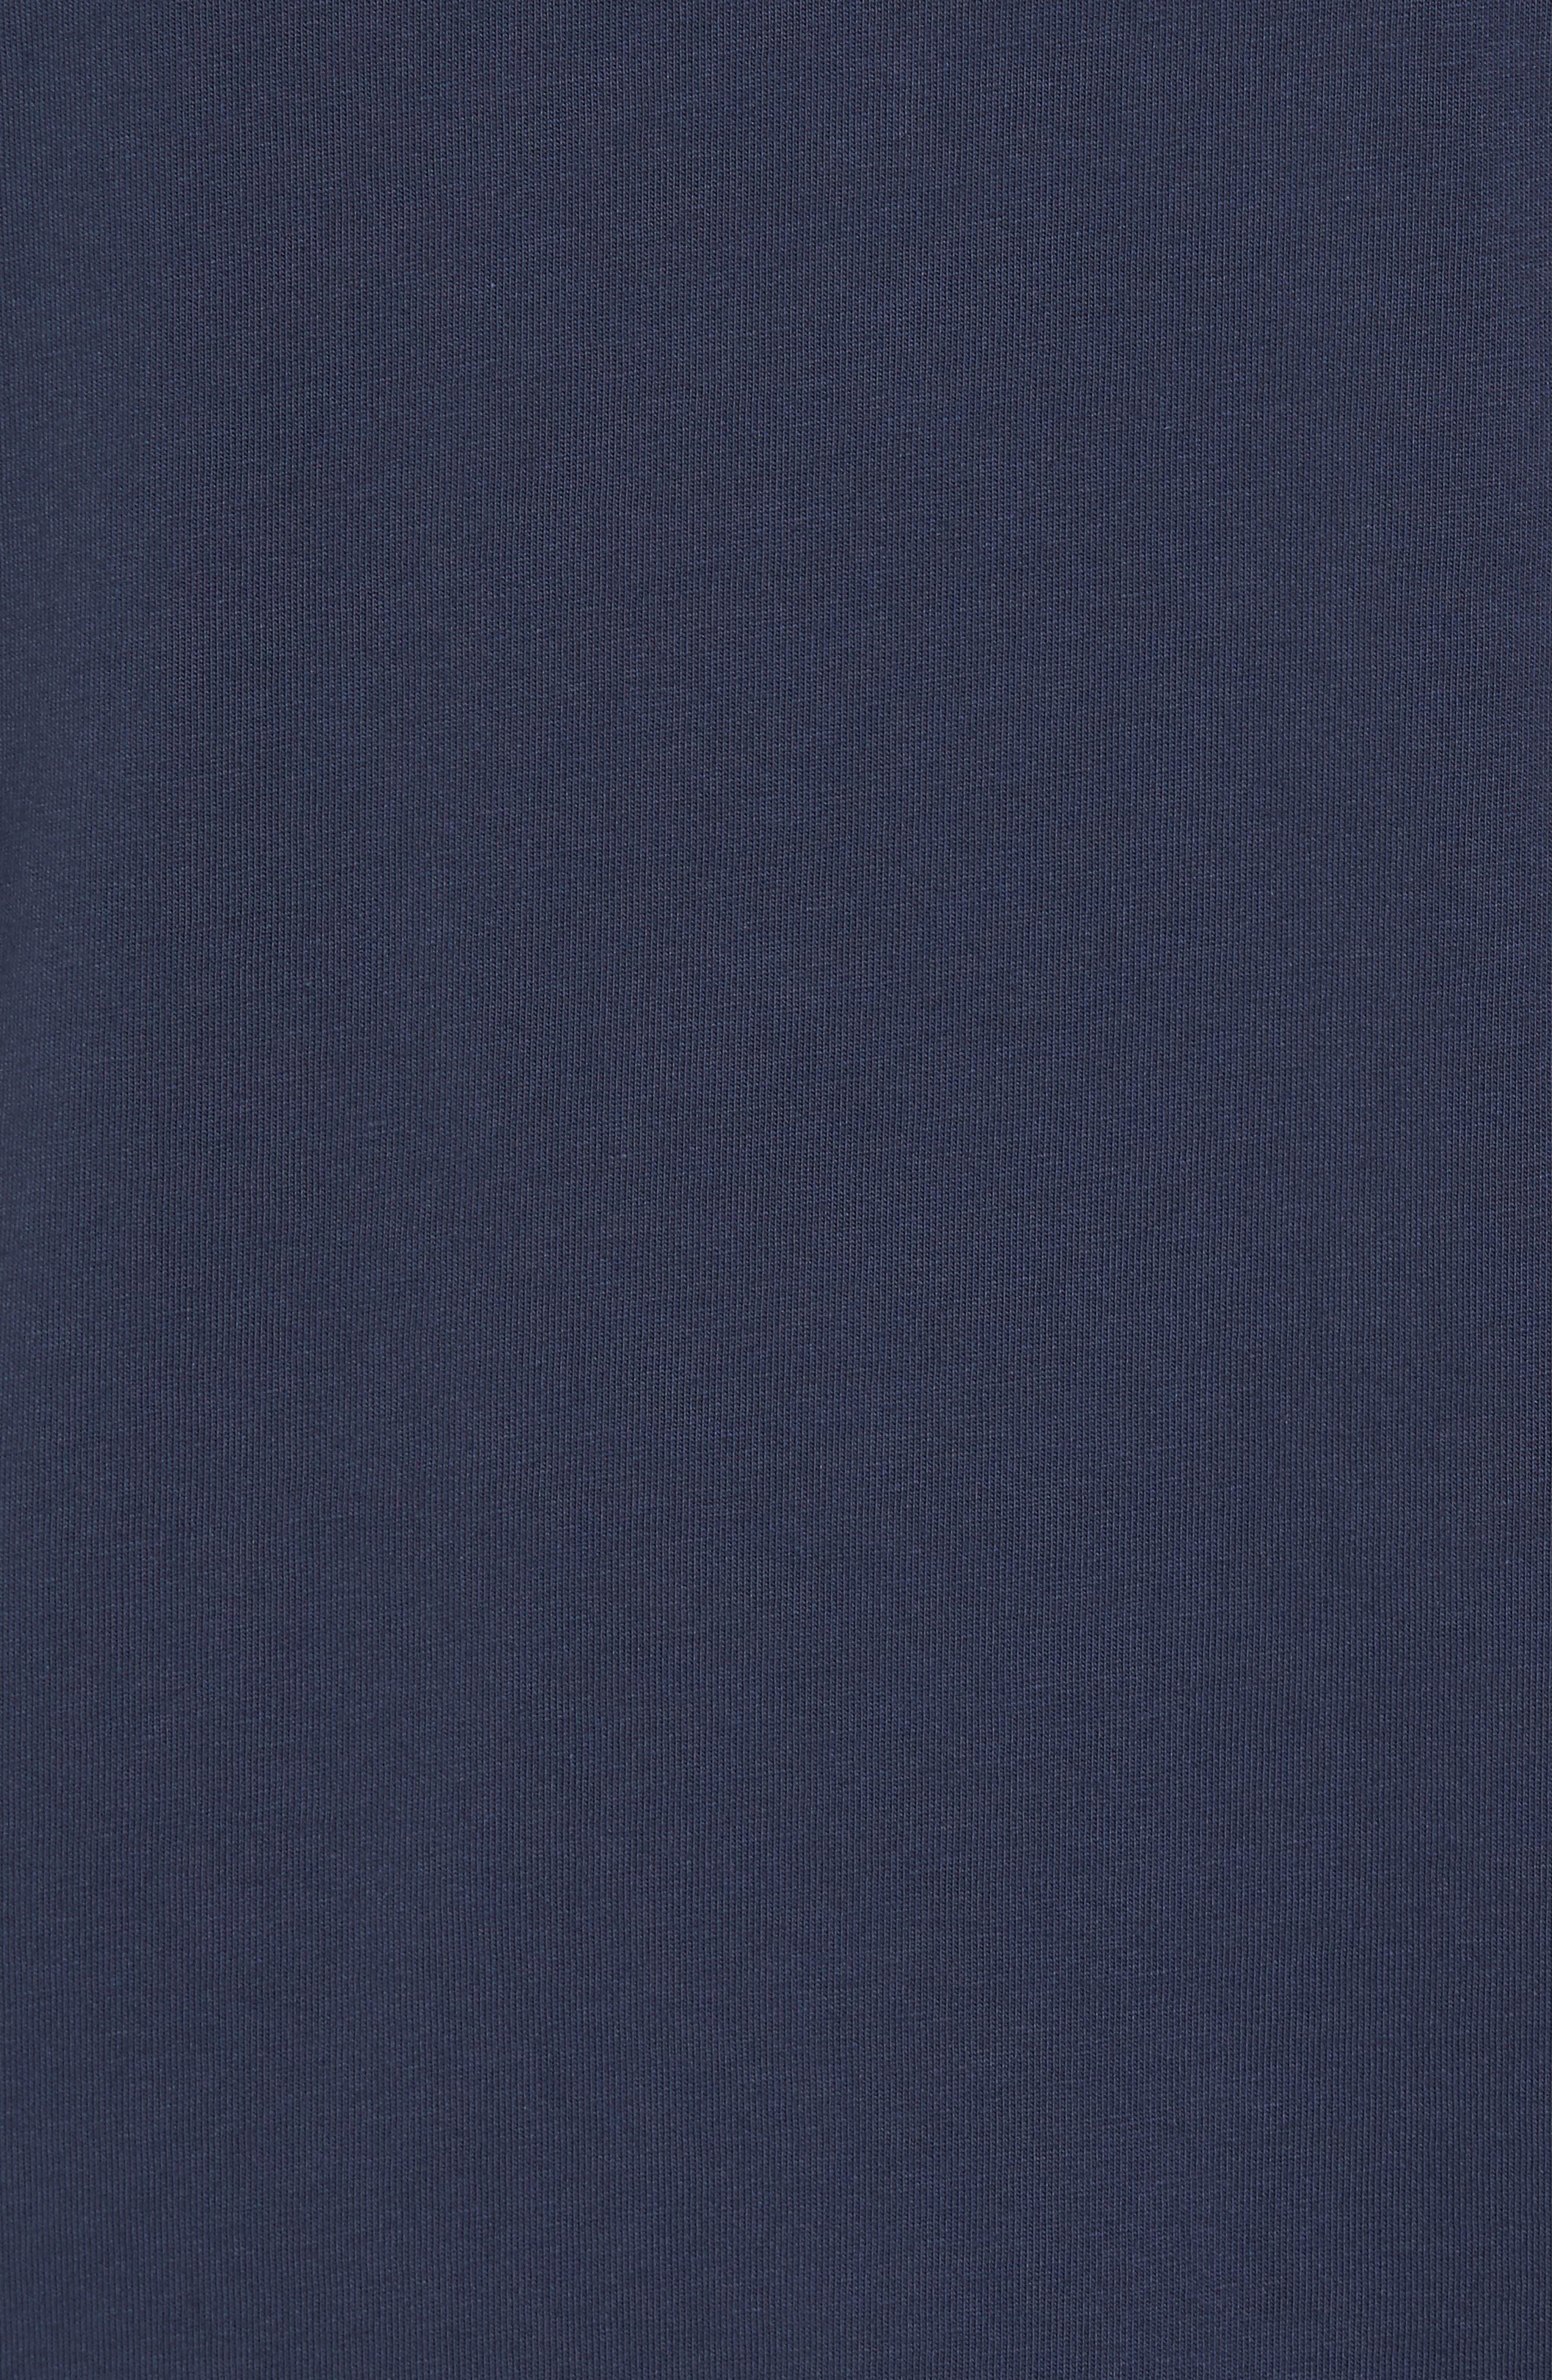 Mr. Claus Whale Graphic Pocket T-Shirt,                             Alternate thumbnail 5, color,                             Blue Blazer